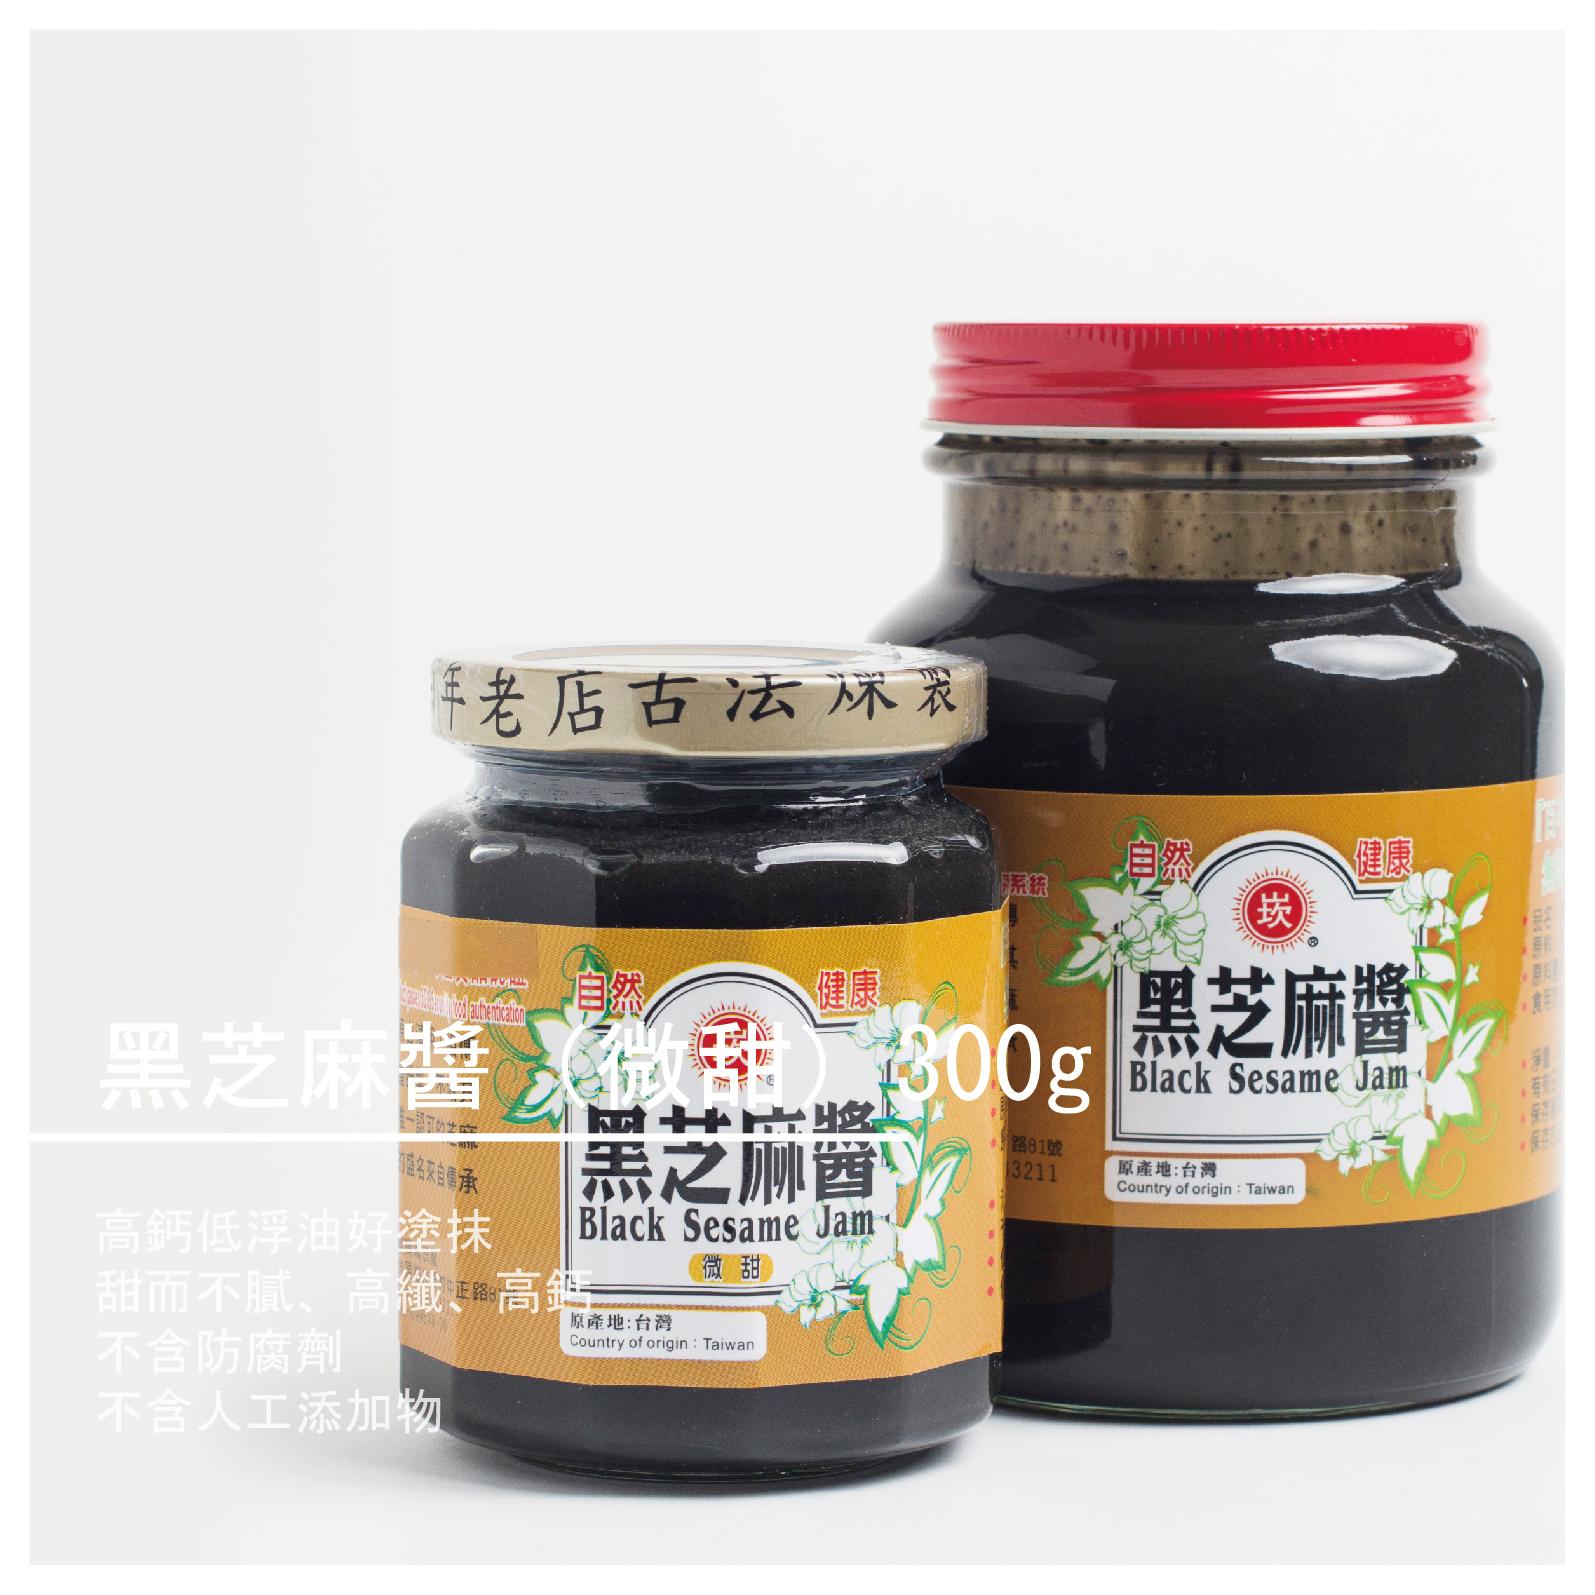 【崁頂義興麻油廠】黑芝麻醬(微甜)/300g